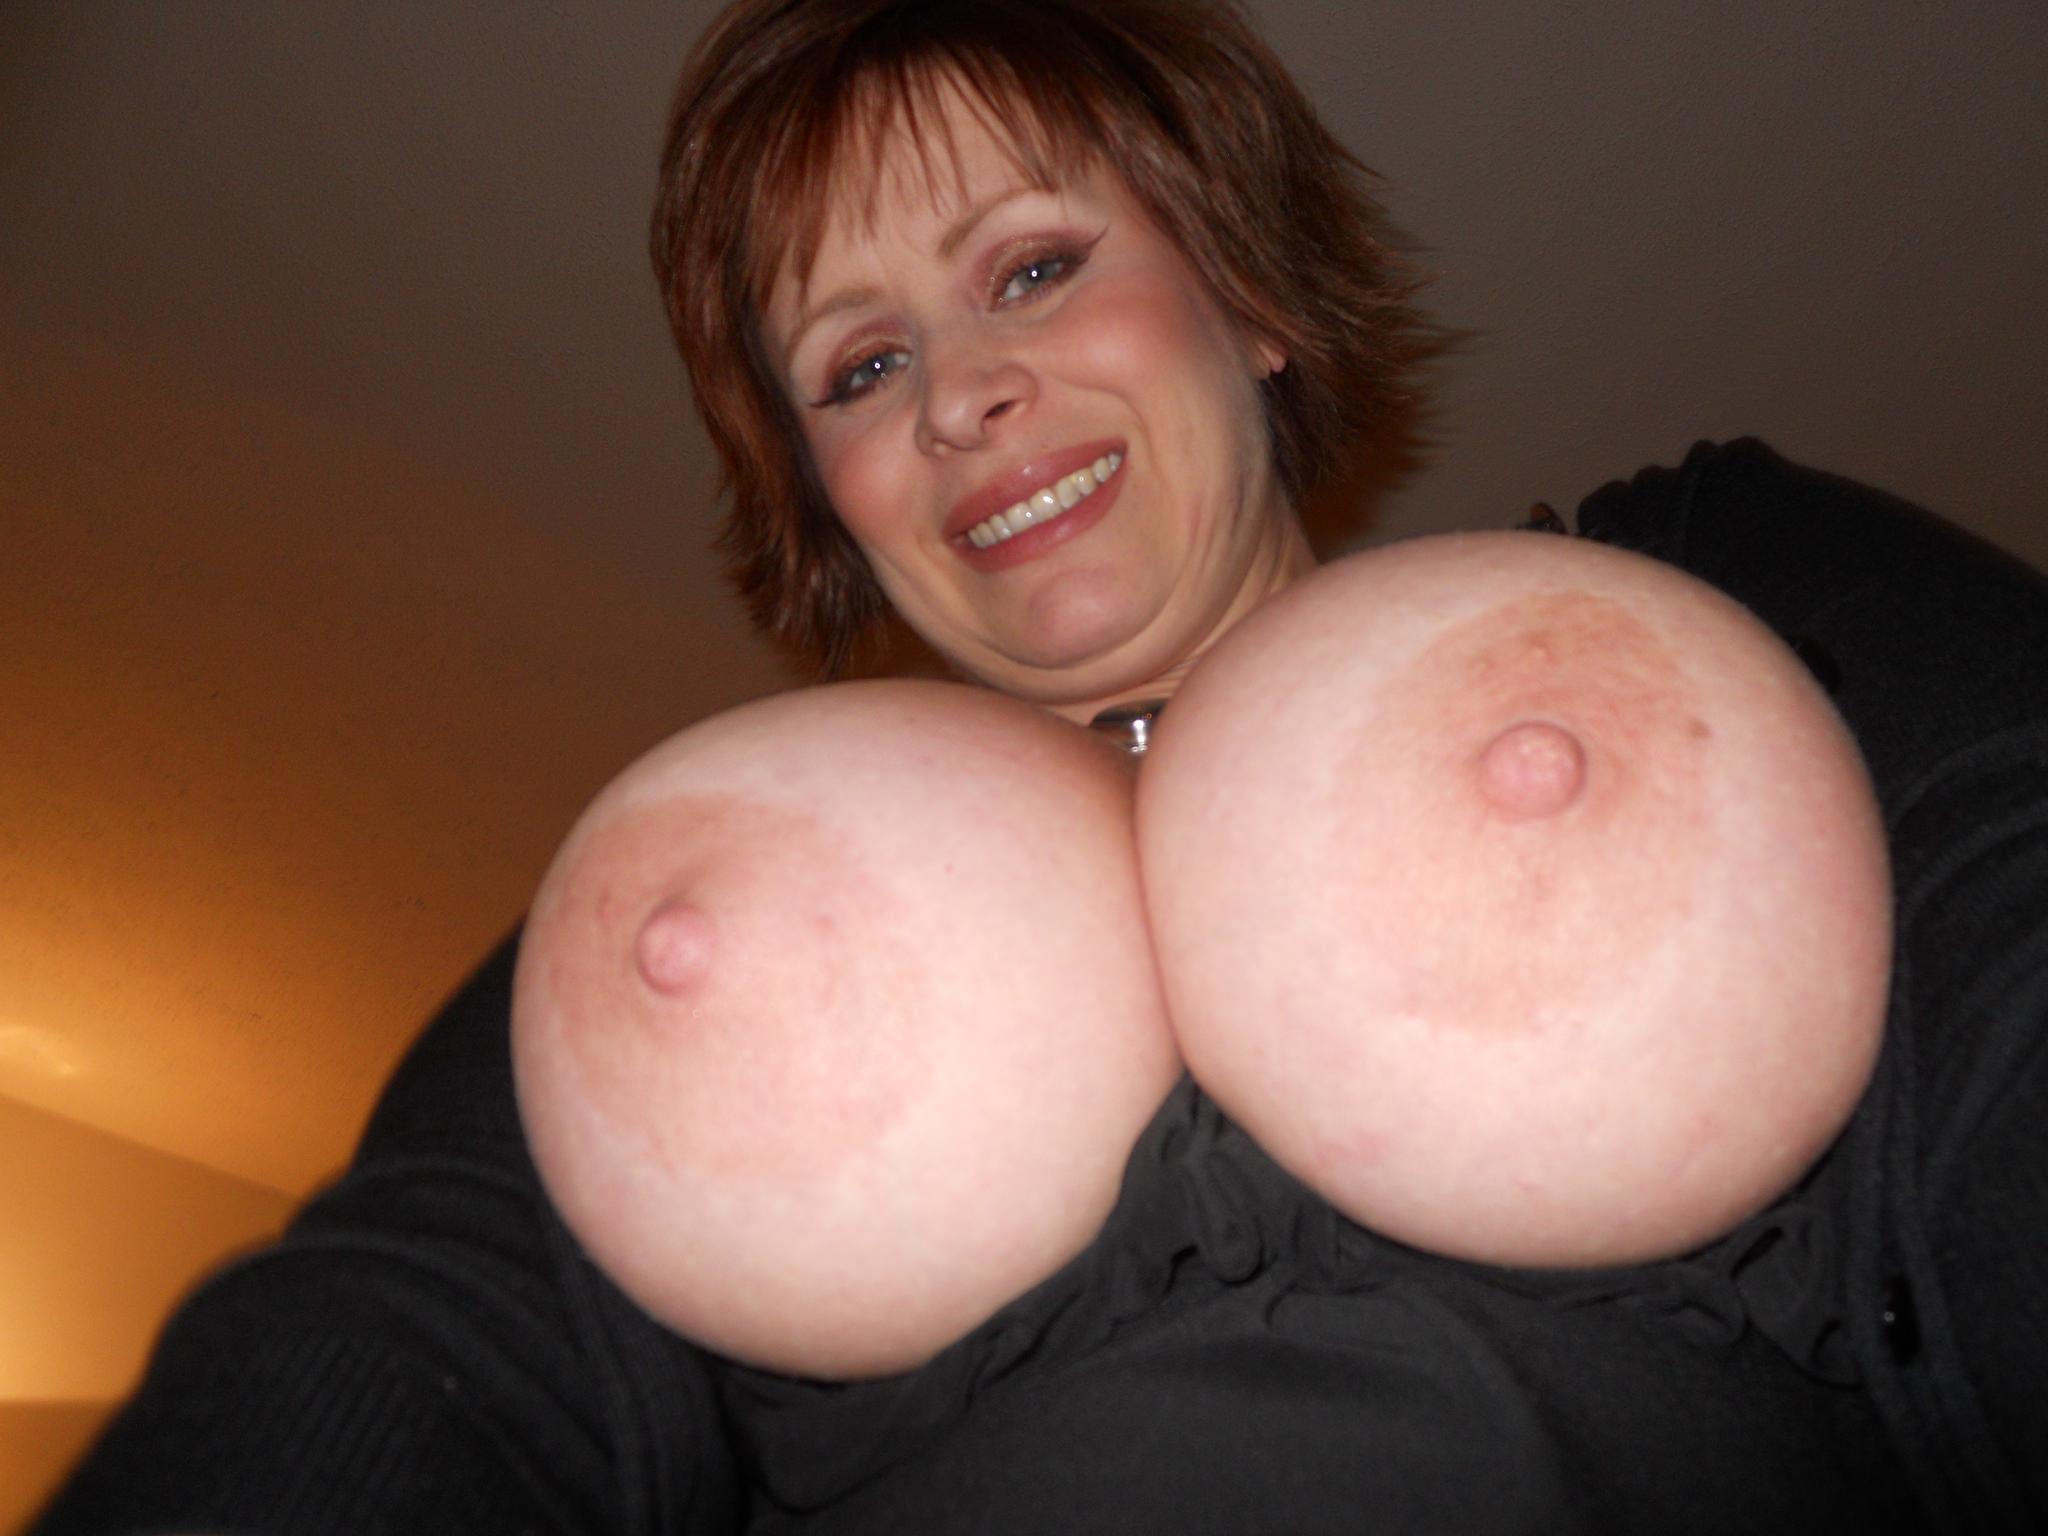 Фото огромные зрелые дойки, Огромные дойки зрелой тетки (фото) 24 фотография